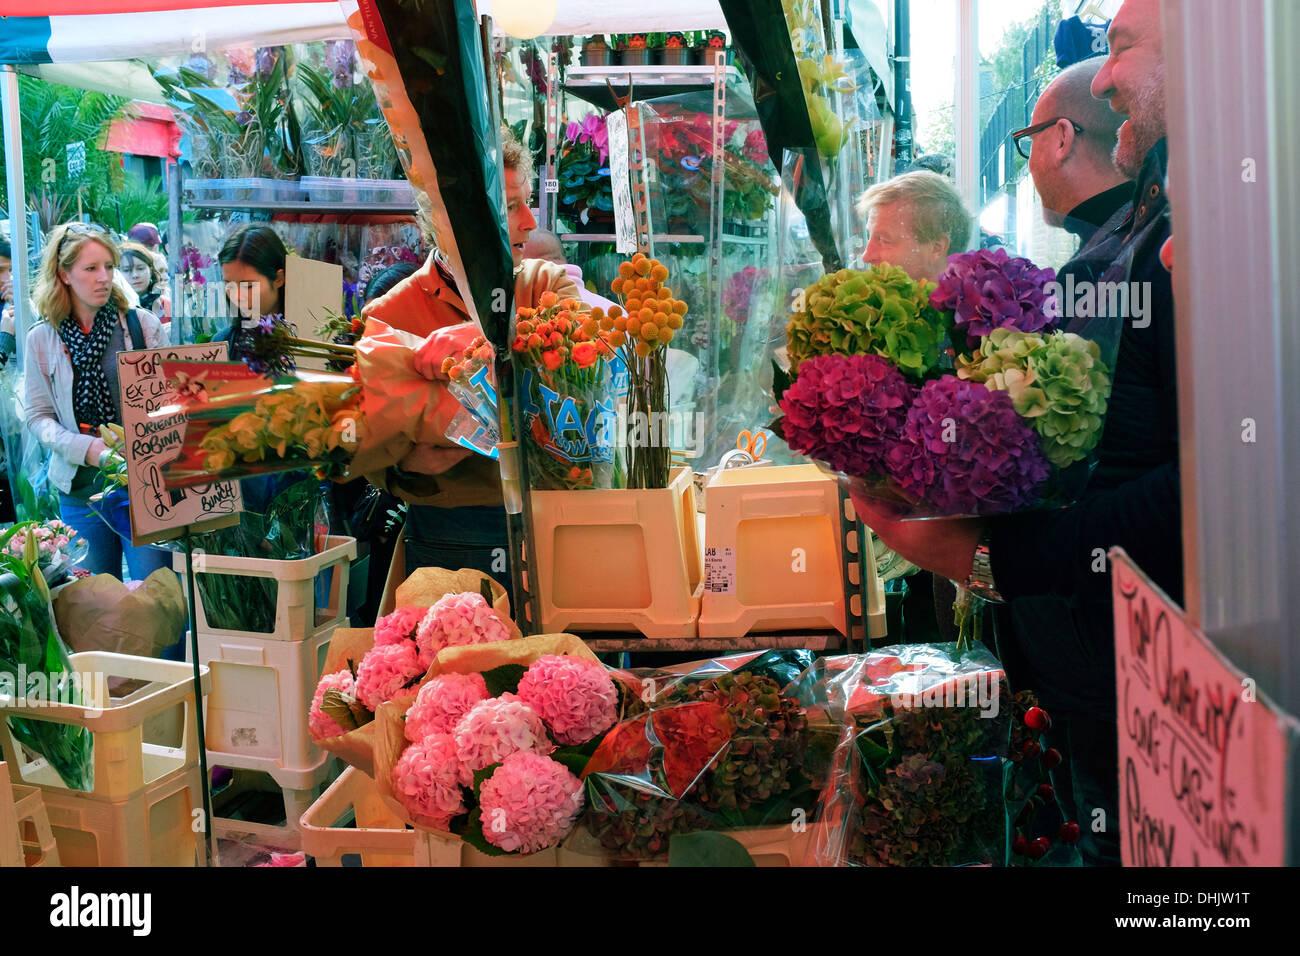 Les clients qui achètent des fleurs sur Columbia Road Flower Market, East London, UK Photo Stock